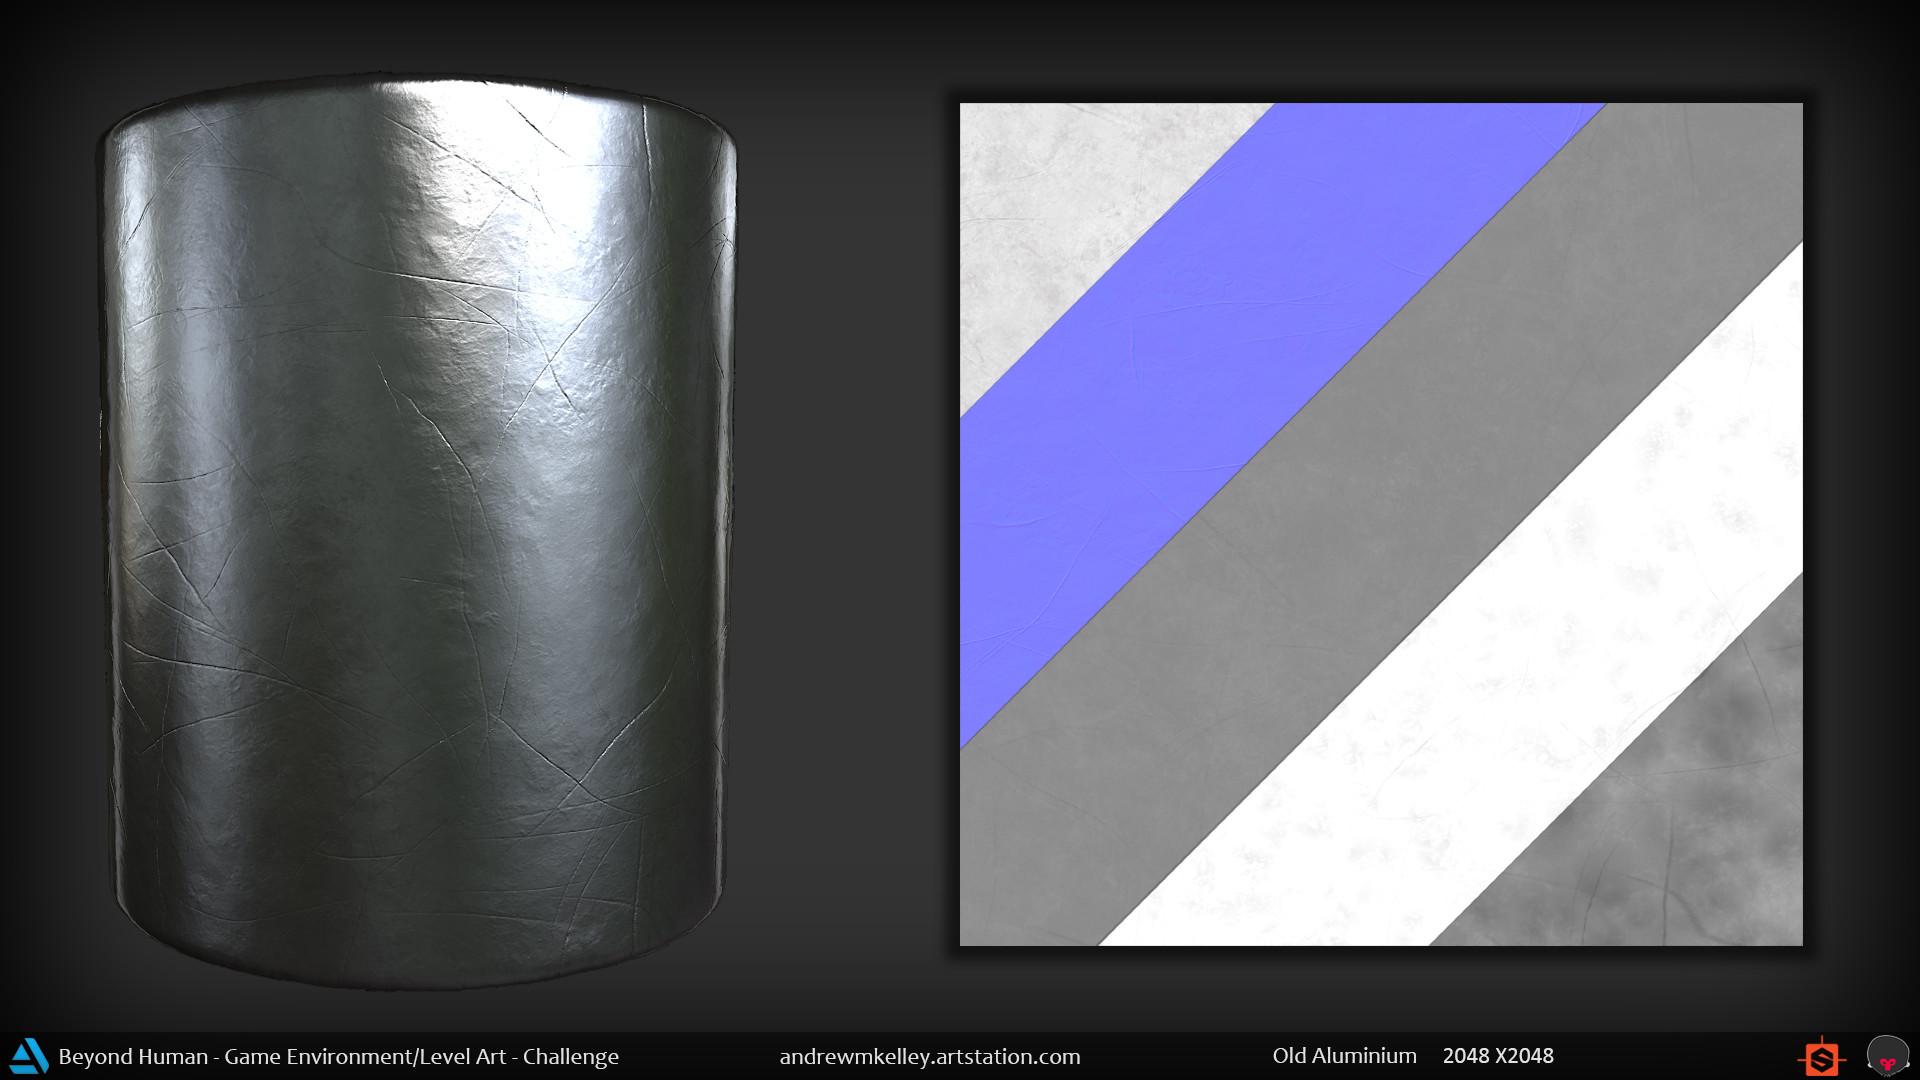 Andrew kelley materialshot oldaluminium